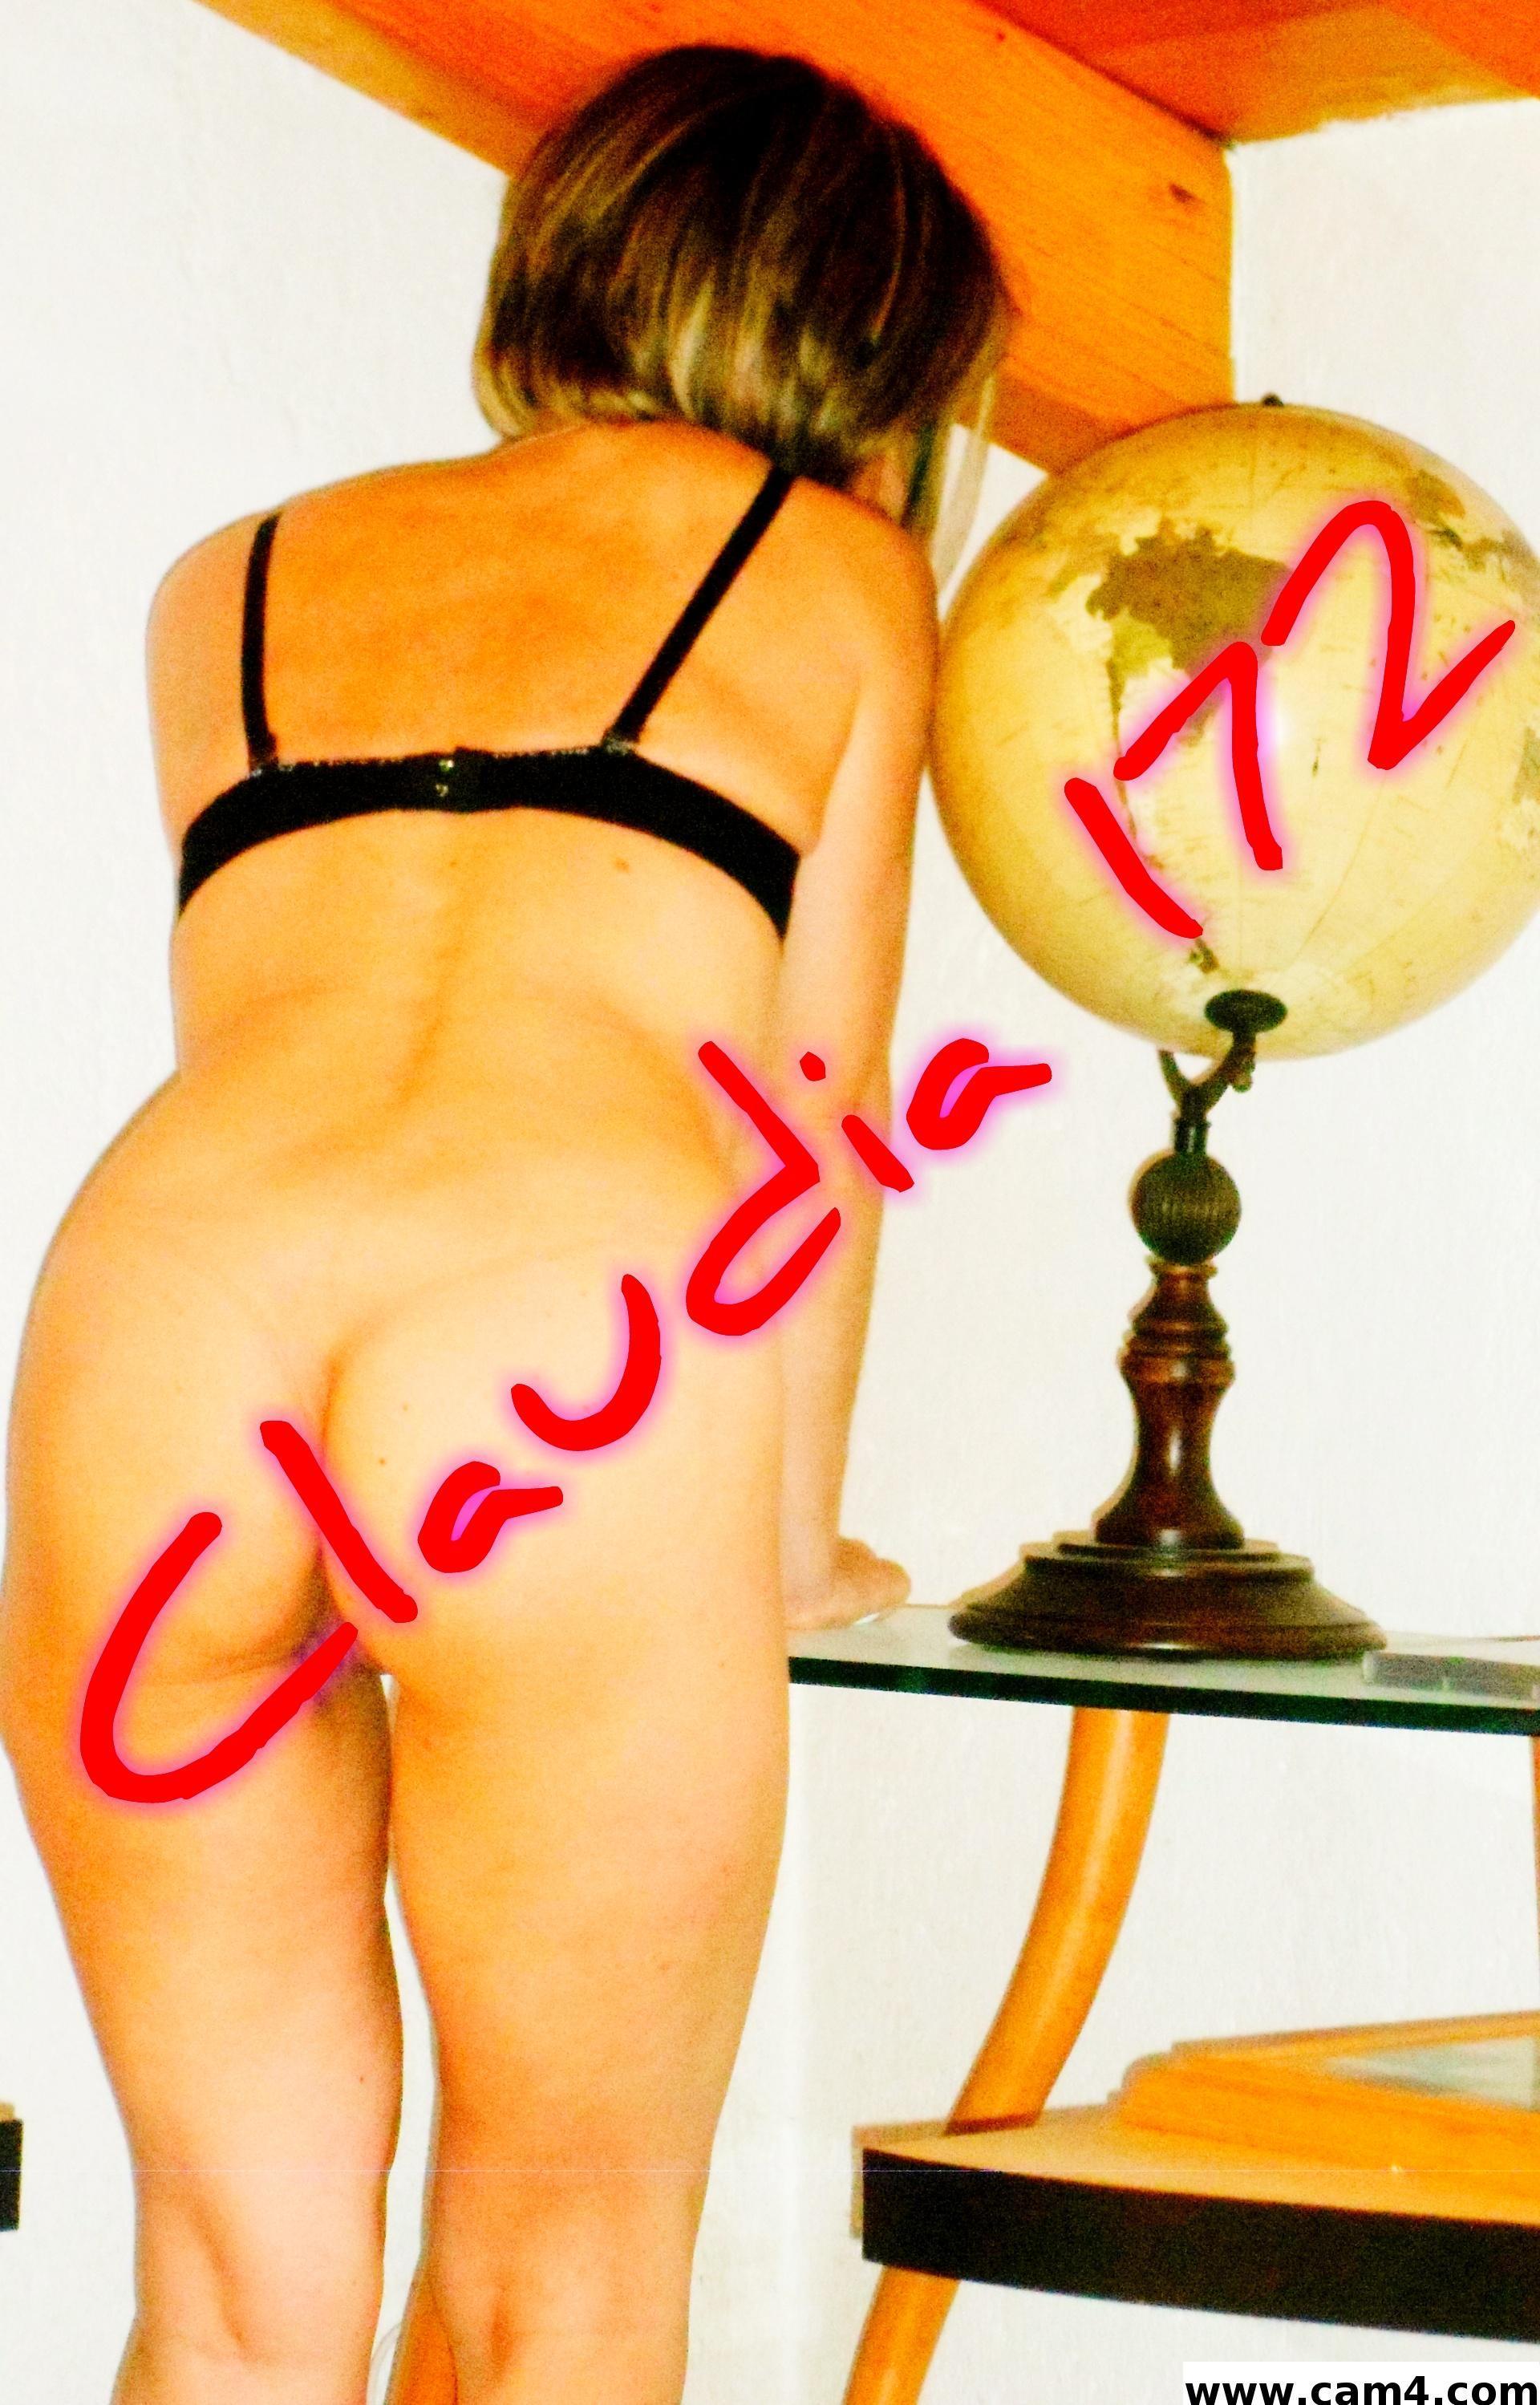 Claudia172?s=z2ugcs3iaehzepw+qhhq9bkfgwzaz+szhcvhdcfhf98=